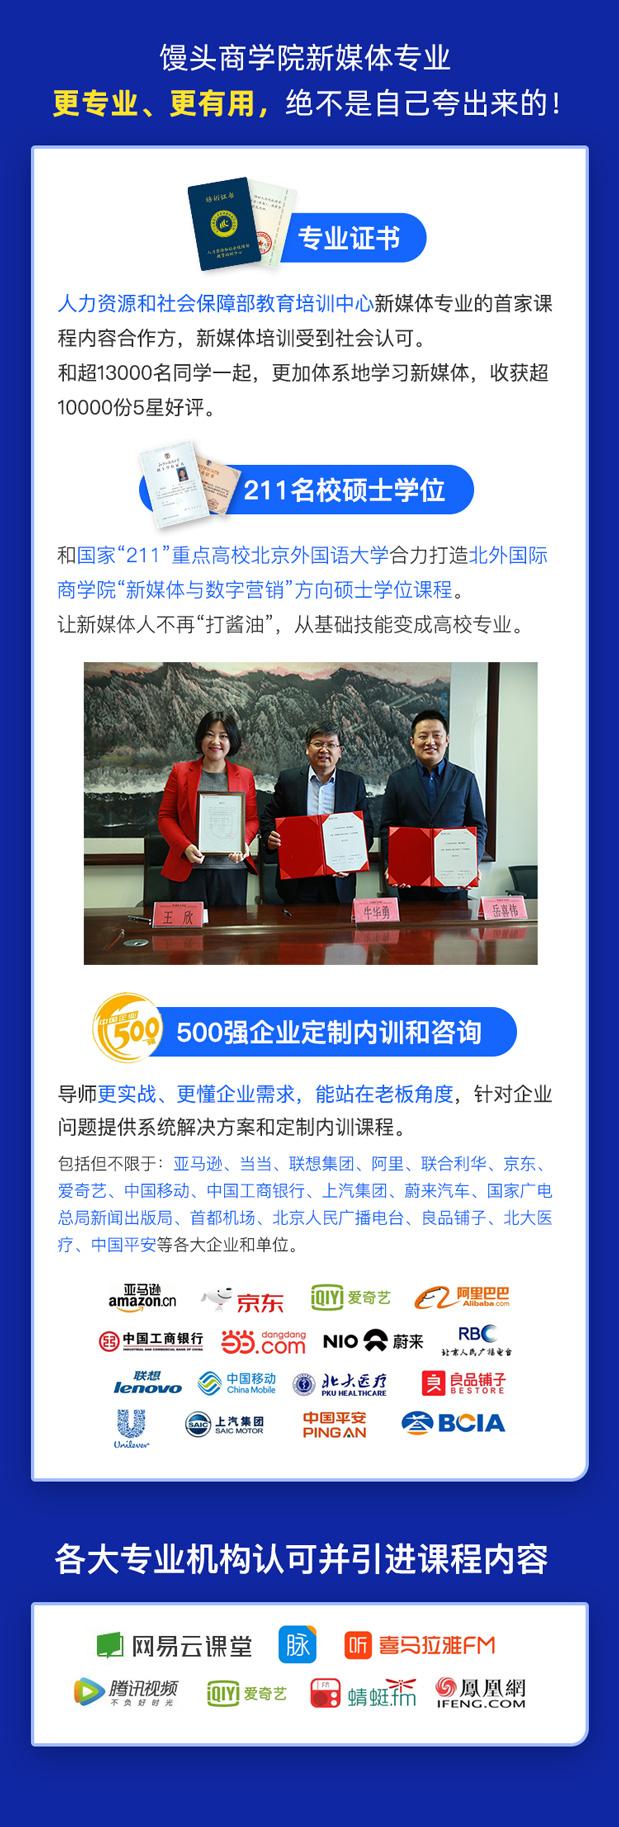 http://mtedu-img.oss-cn-beijing-internal.aliyuncs.com/ueditor/20210723165728_638959.jpg